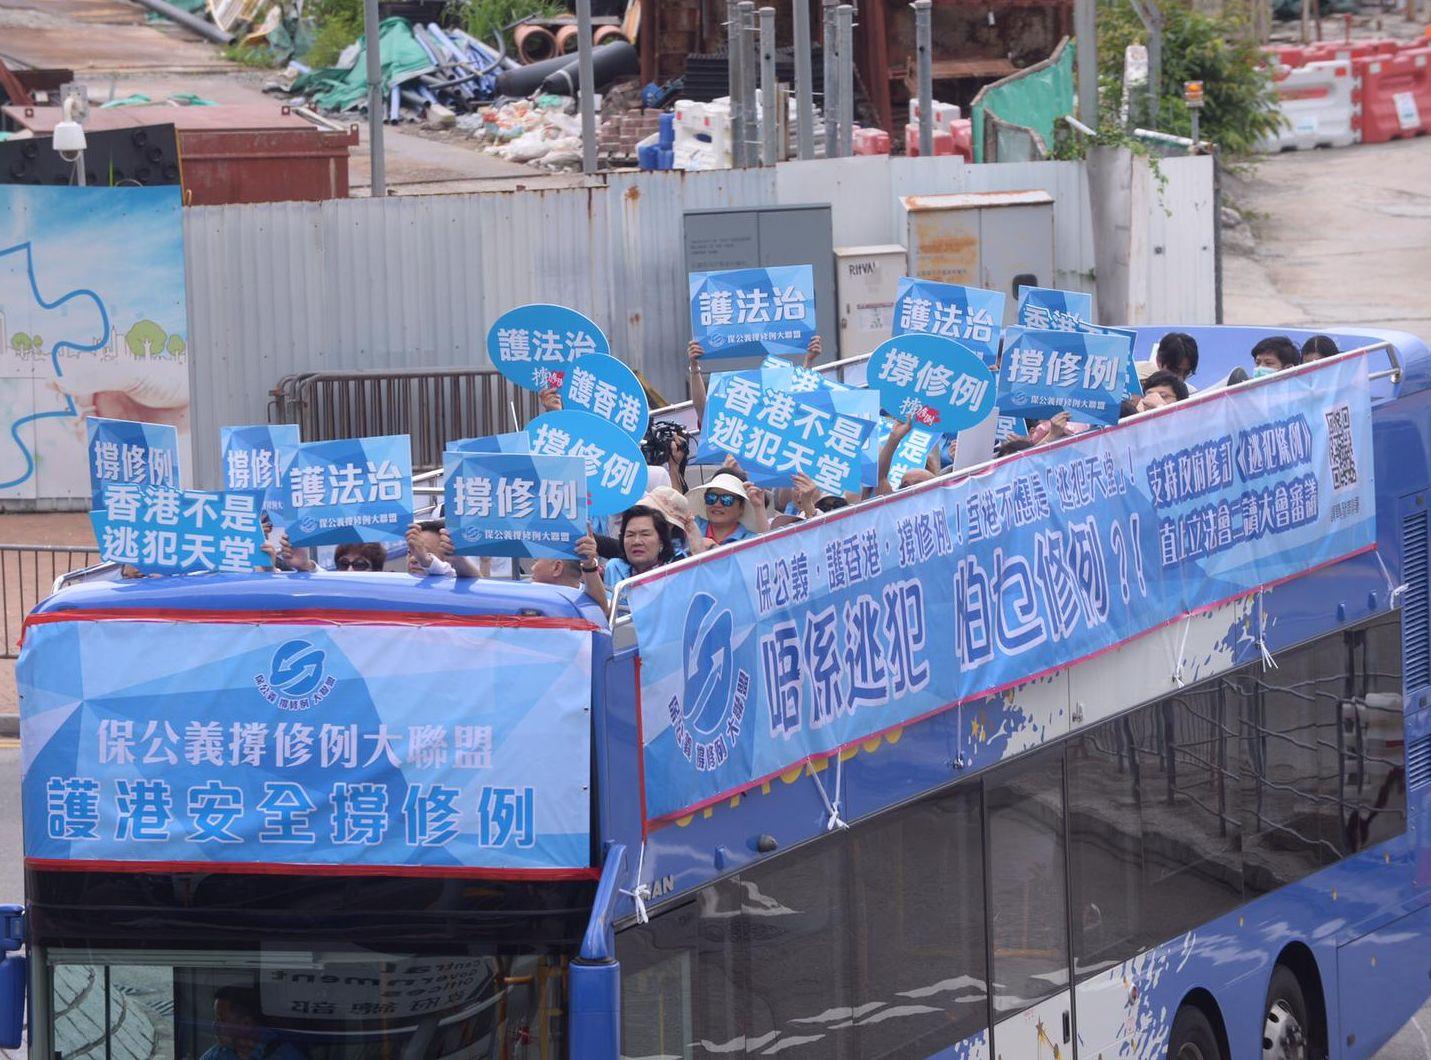 「保公義撐修例大聯盟」出動一輛開篷巴士,作為流動街站。